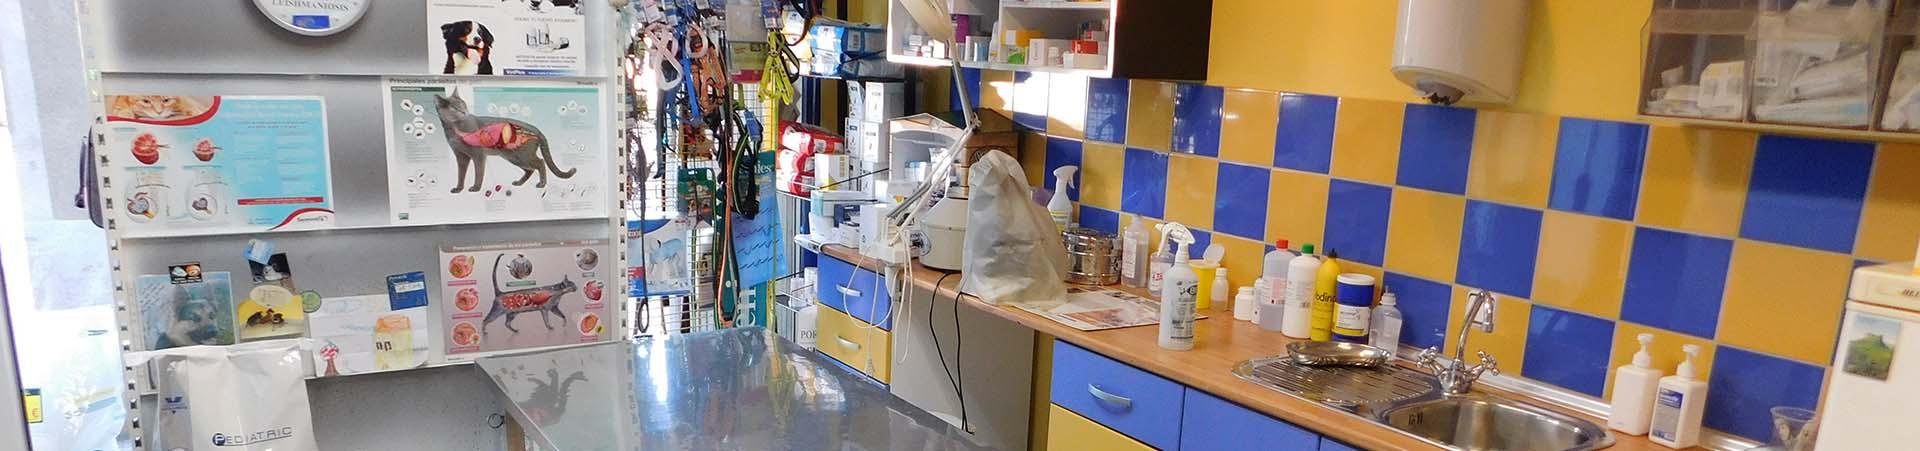 Sala de trabajo-Clínica Veterinaria El Molinar